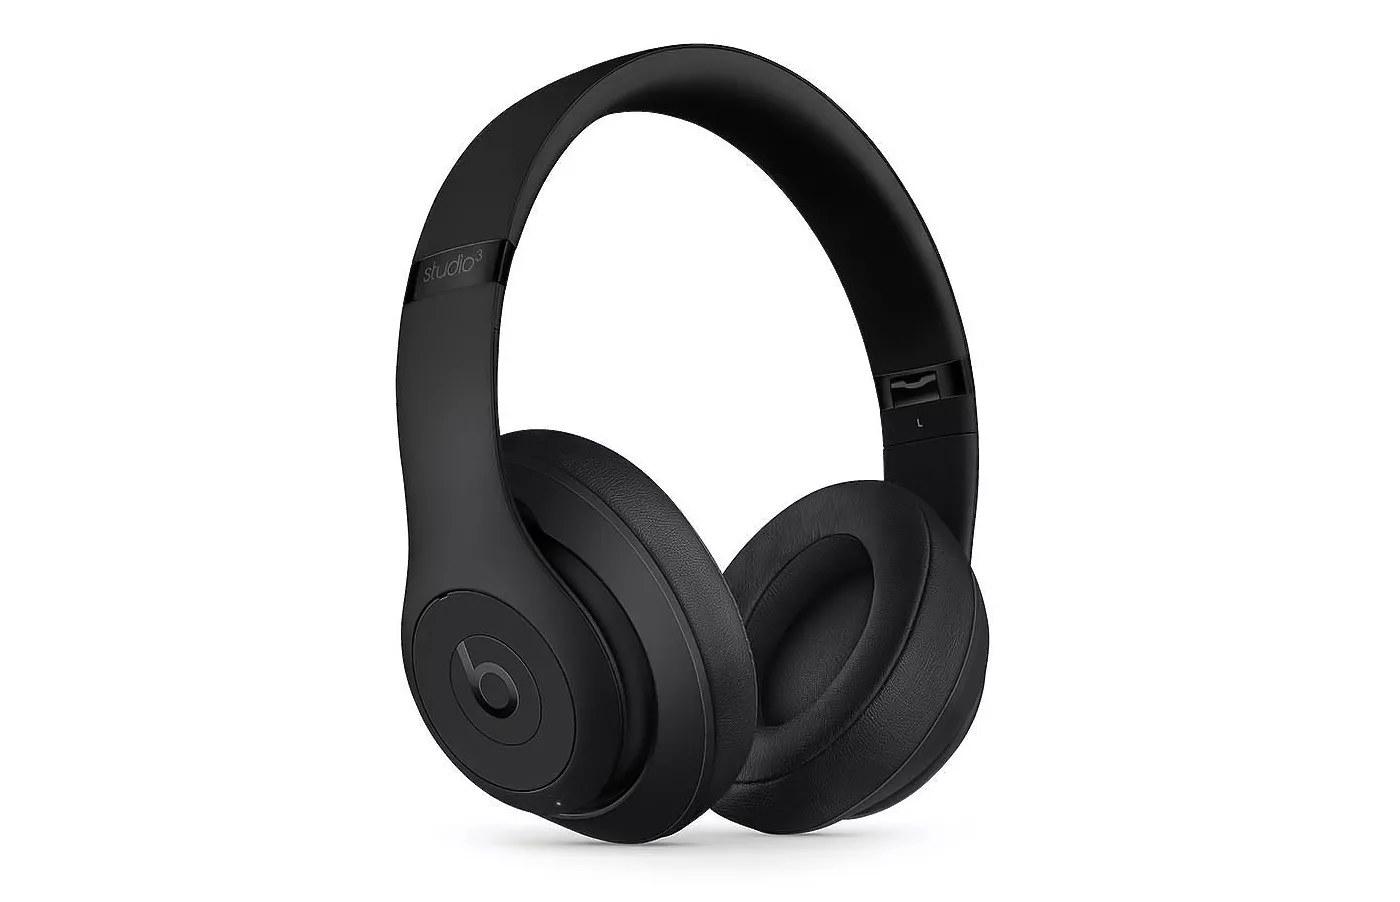 Beats Studio3 wireless over-ear headphones in matte black